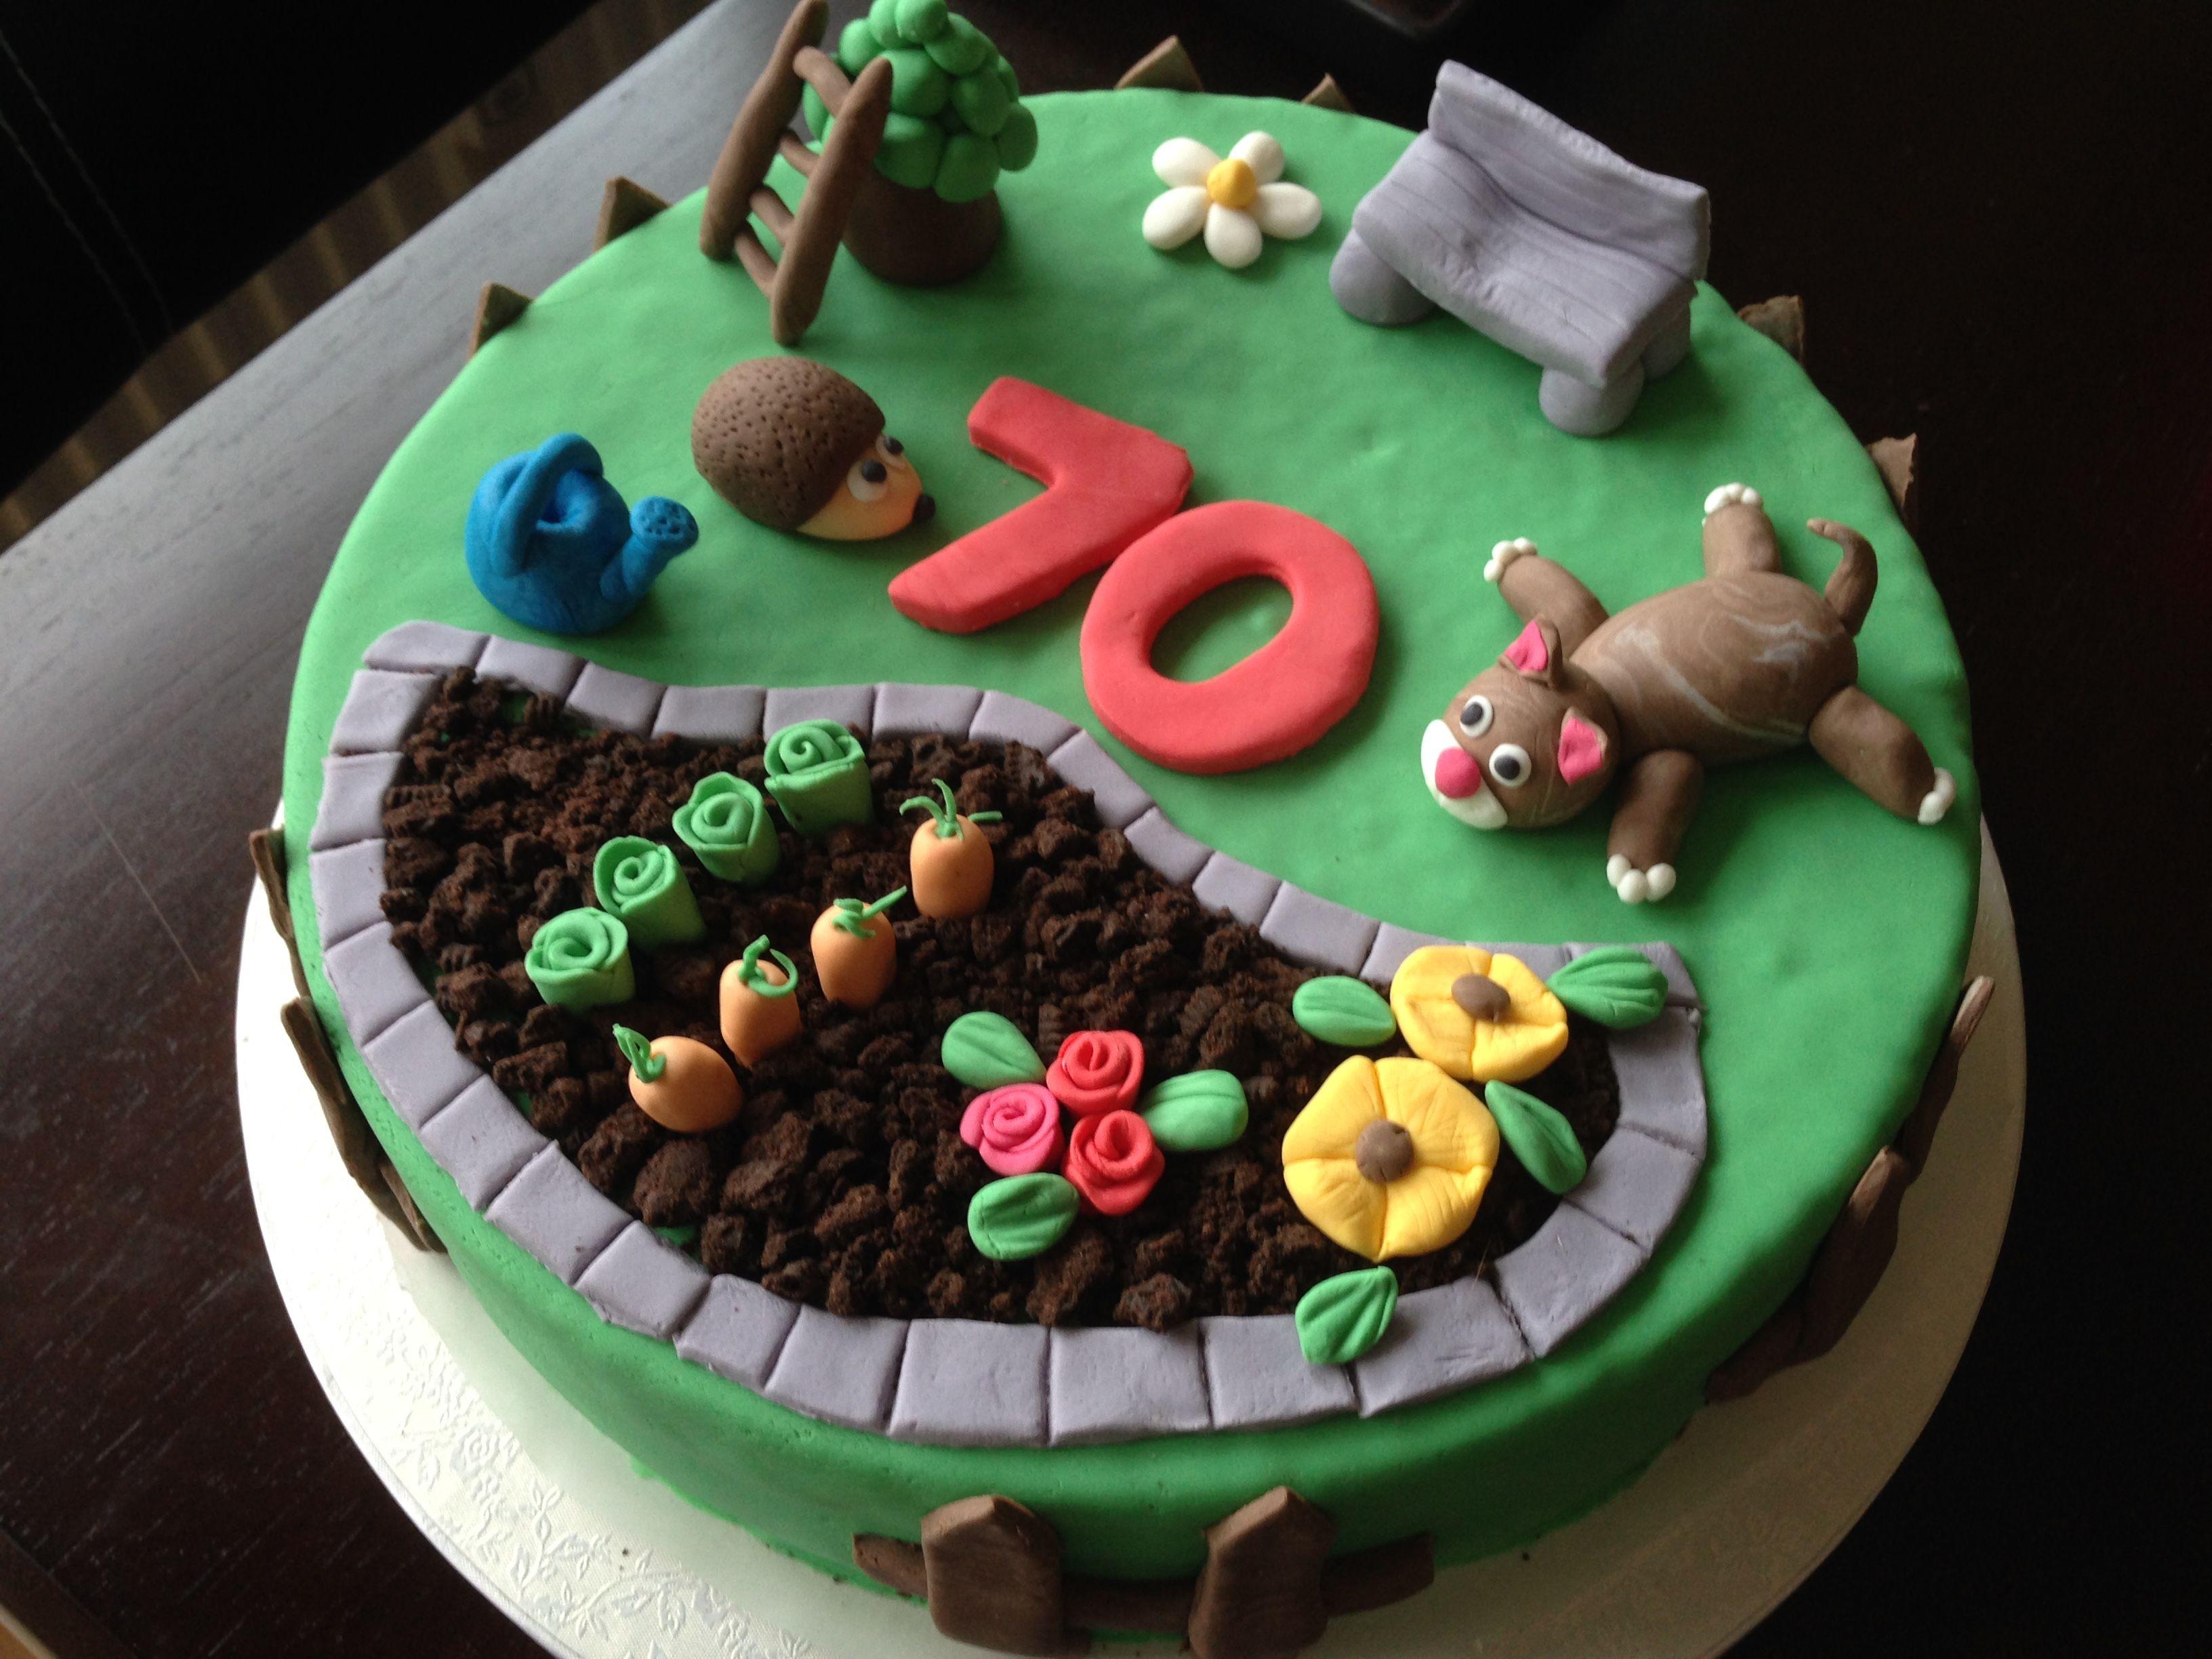 Birthday Cake Garden Motivtorte Garten Kuchen Gartenmotiv Tortenverzierungstipps Motivtorten